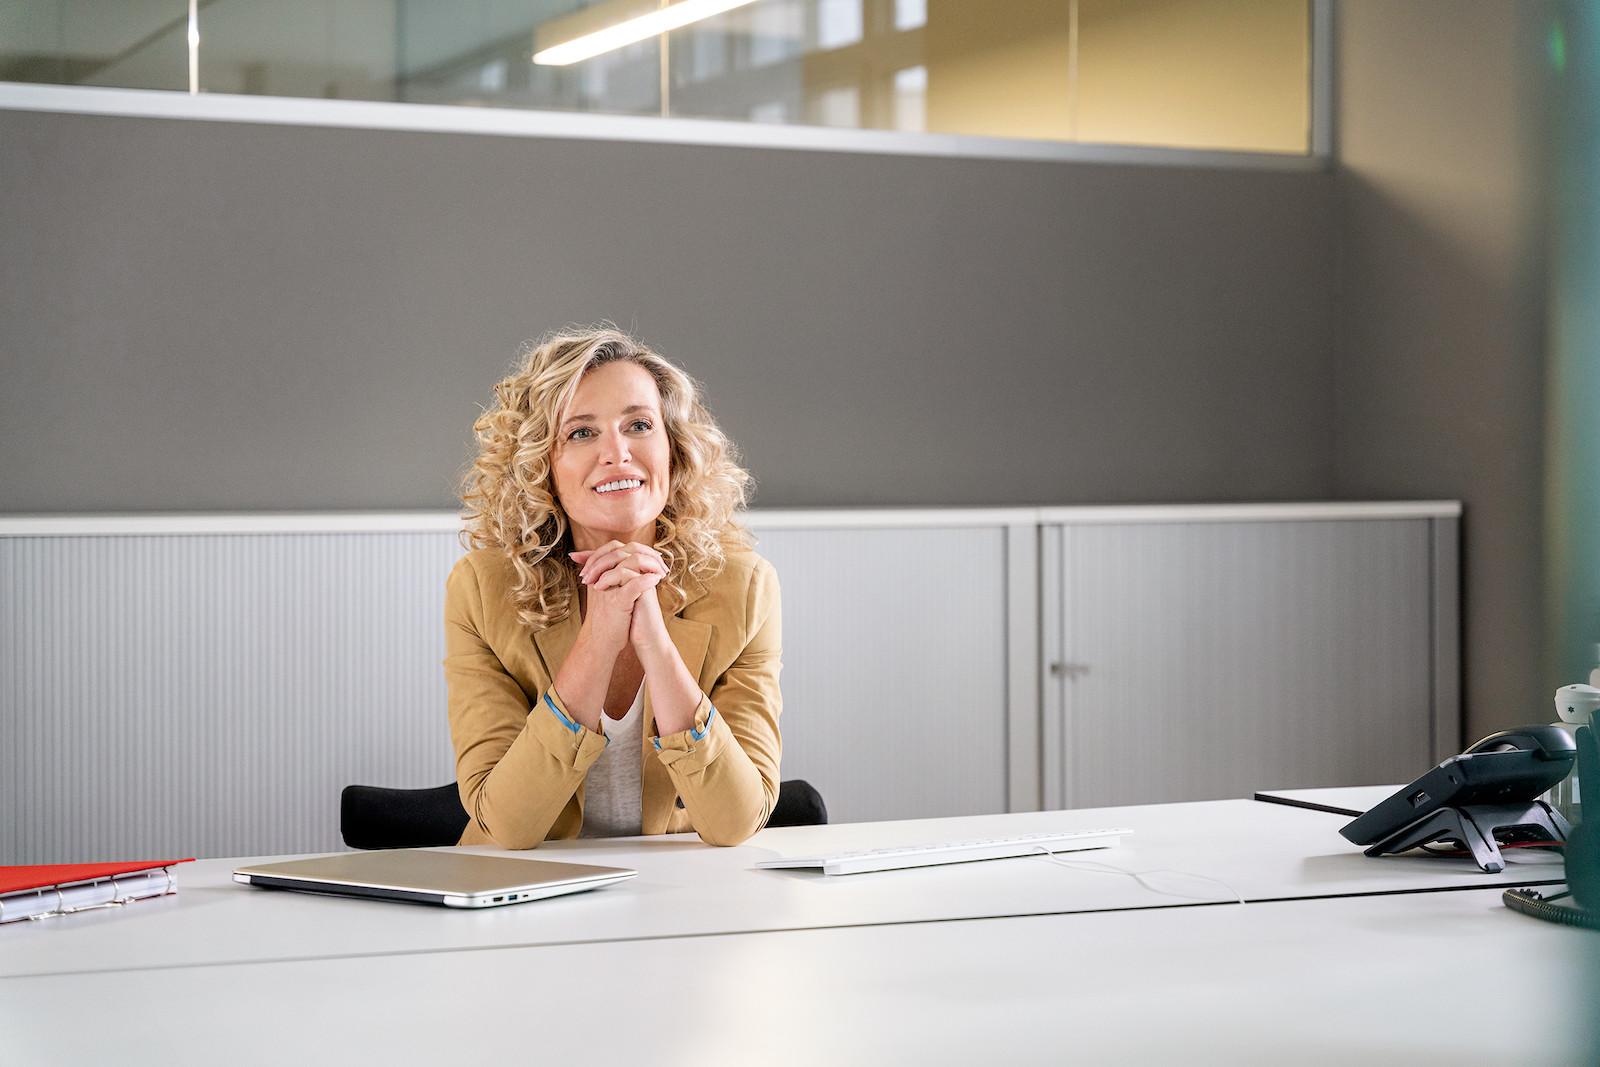 Momentaufnahme einer blonden Frau mit gelocktem Haar im Büro